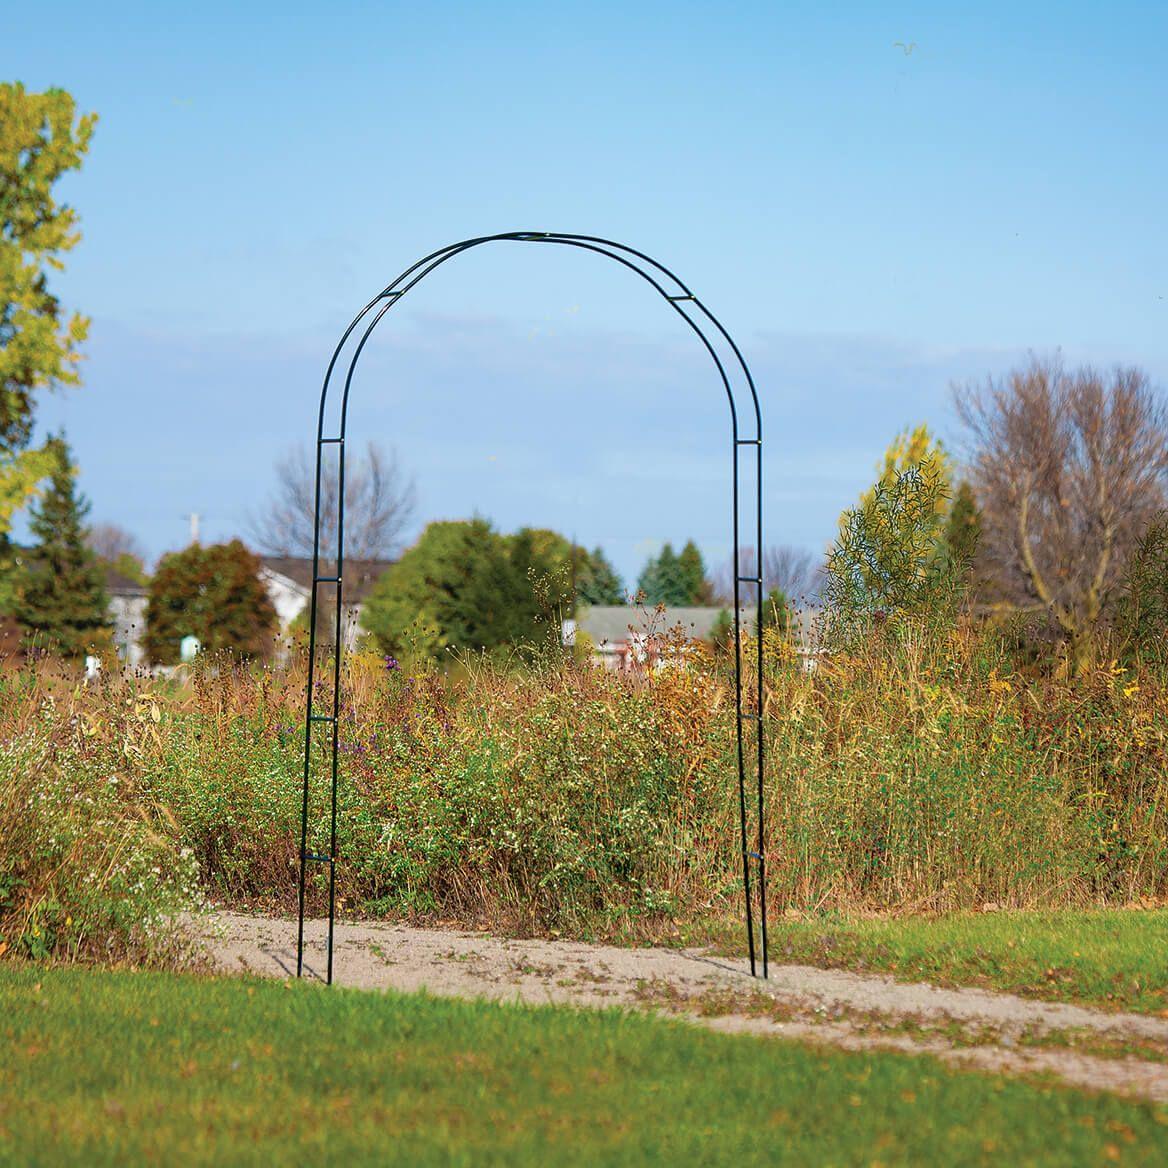 Green Arched Garden Trellis-371193